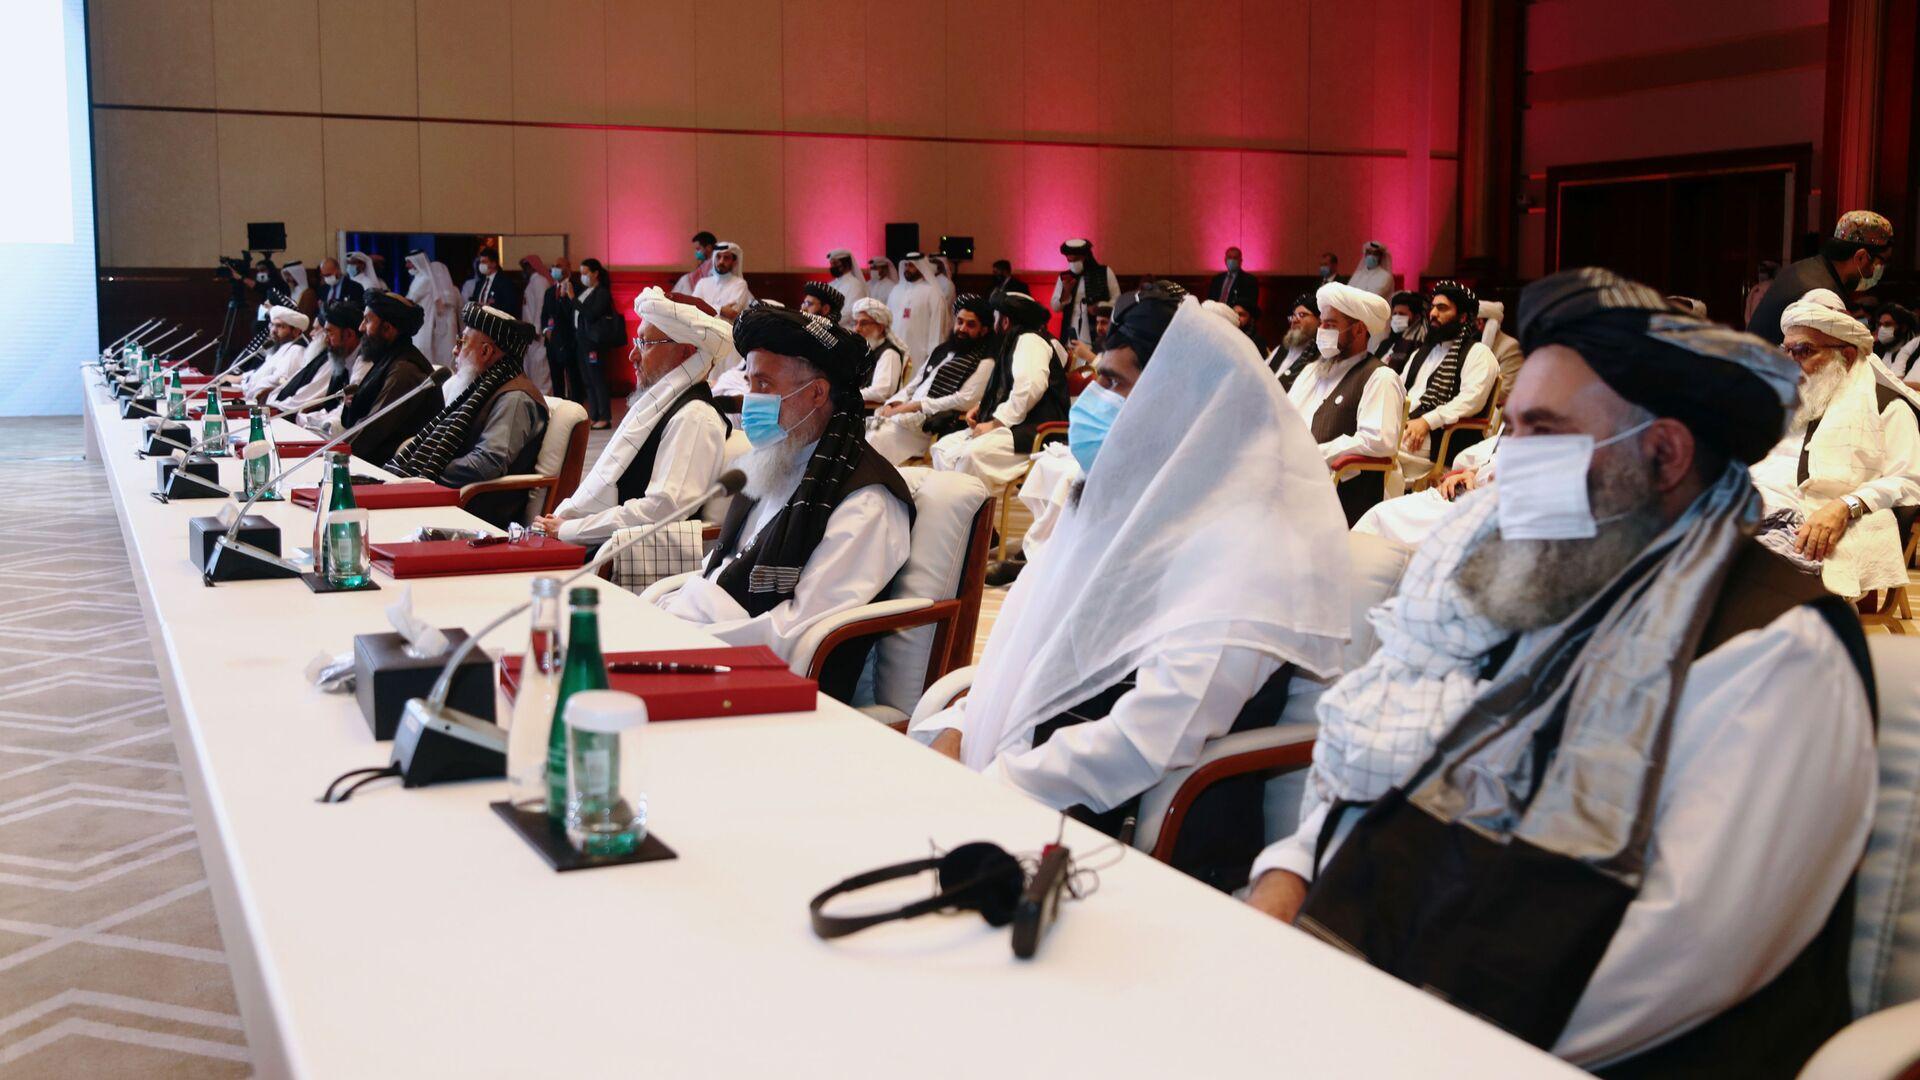 Переговоры между правительством Афганистана и движением Талибан (запрещено в РФ) в Катаре - Sputnik Тоҷикистон, 1920, 11.10.2021